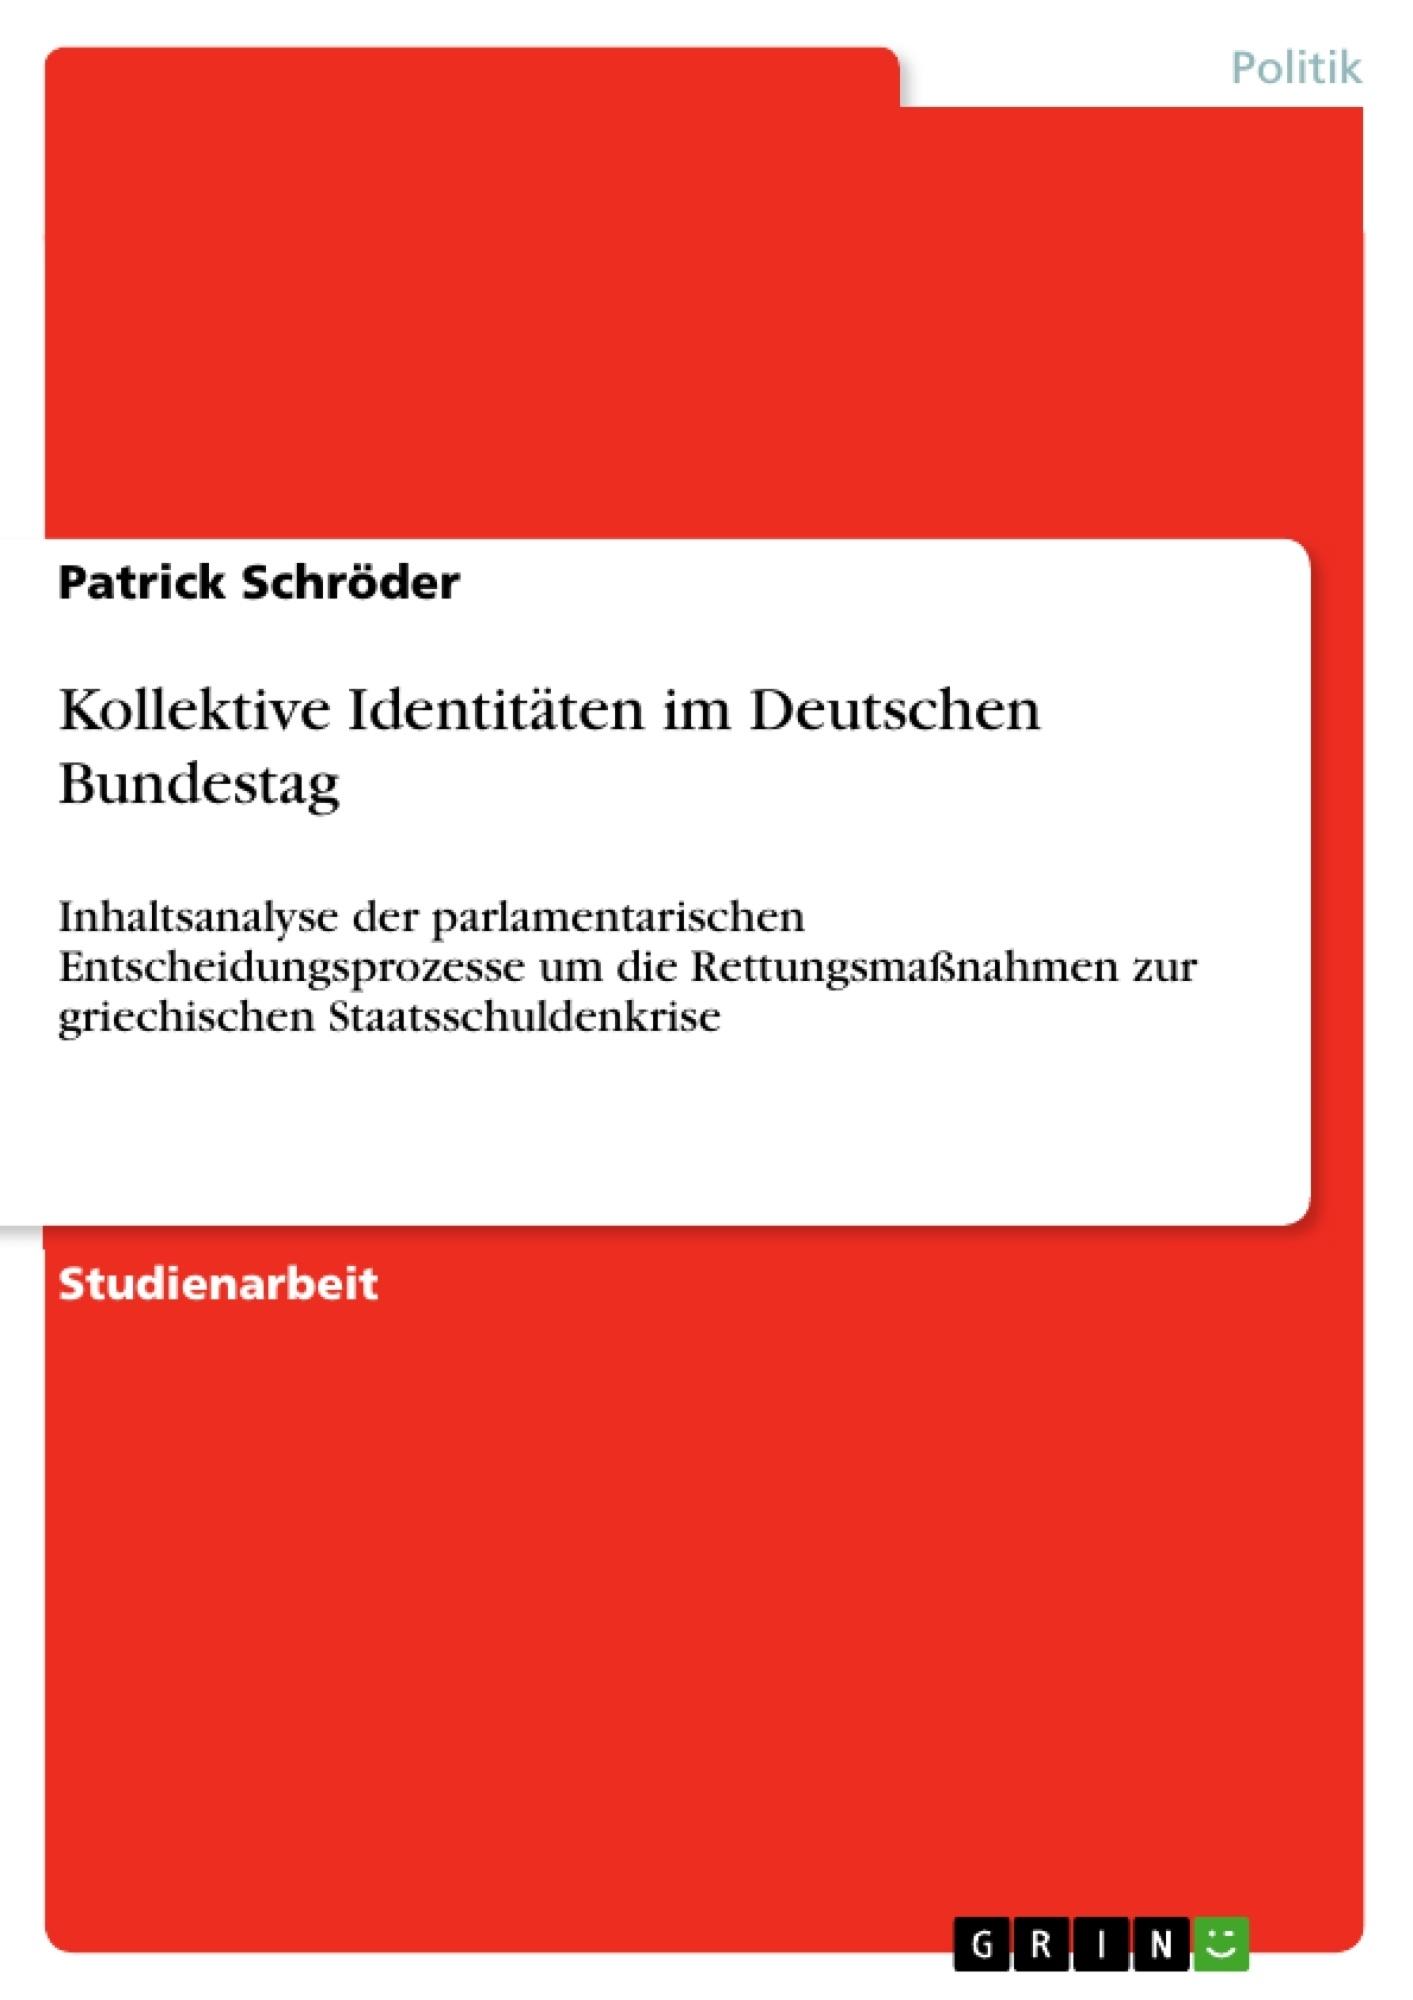 Titel: Kollektive Identitäten im Deutschen Bundestag